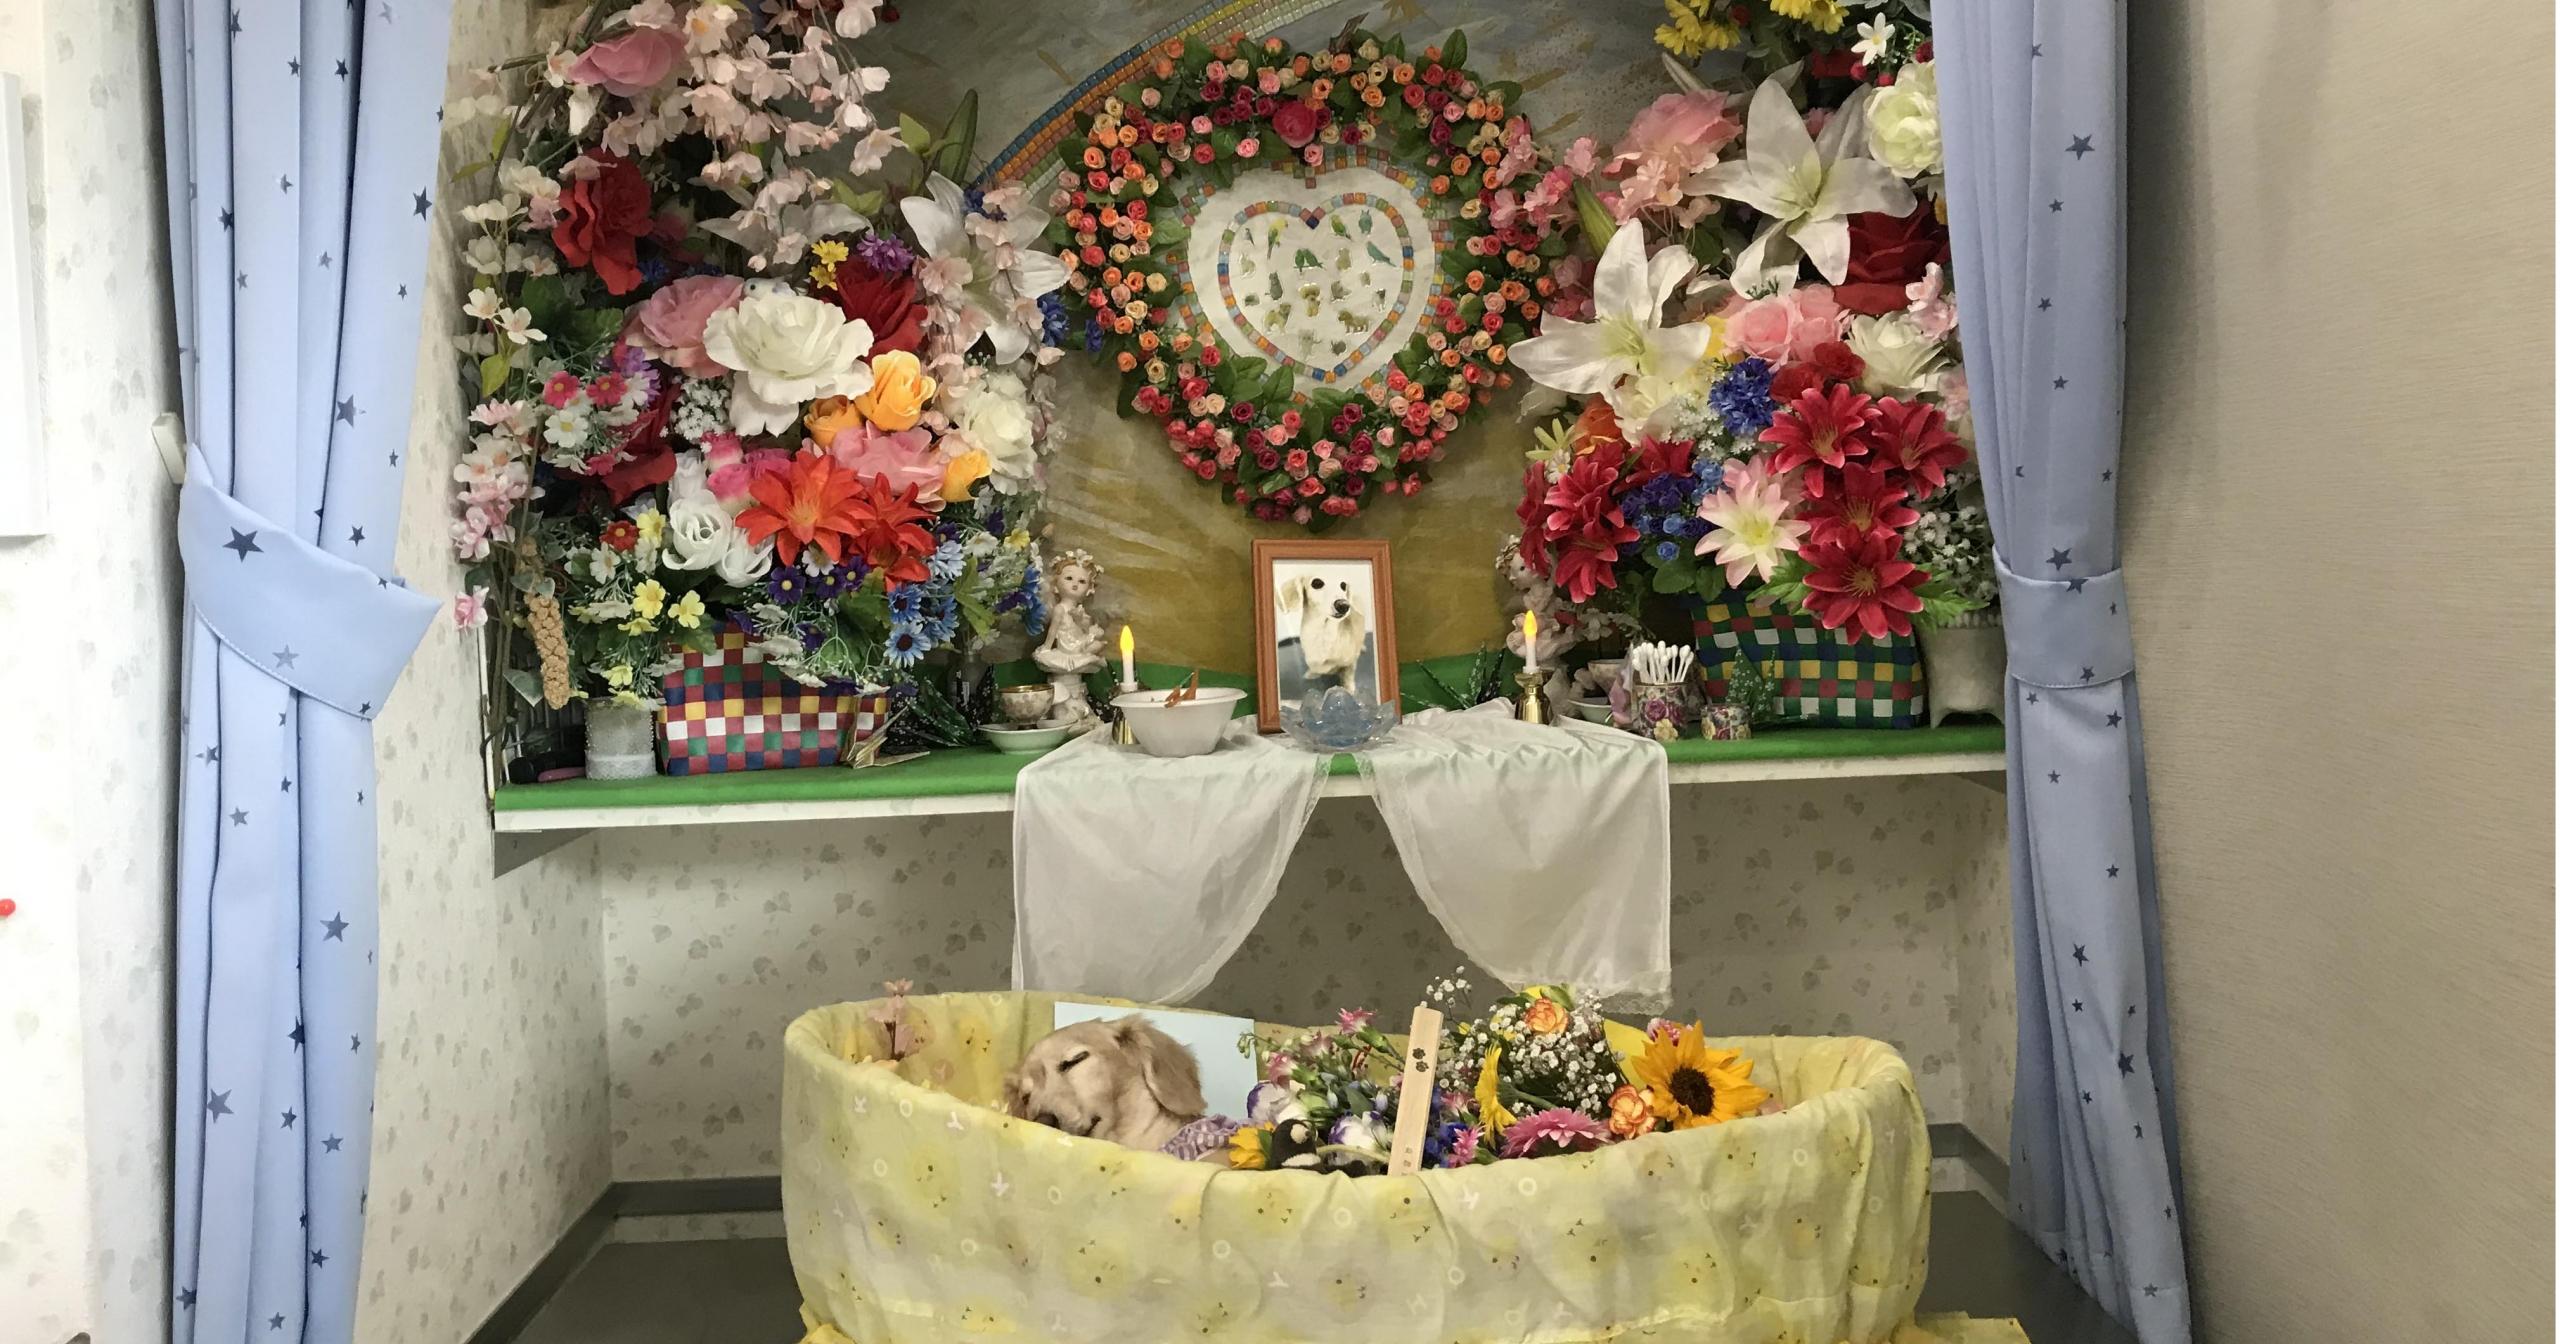 愛犬火葬|埼玉県川口市「ペットセレモニー」は口コミ評判通り良かった(感想) | 保護犬の飼い方ブログ